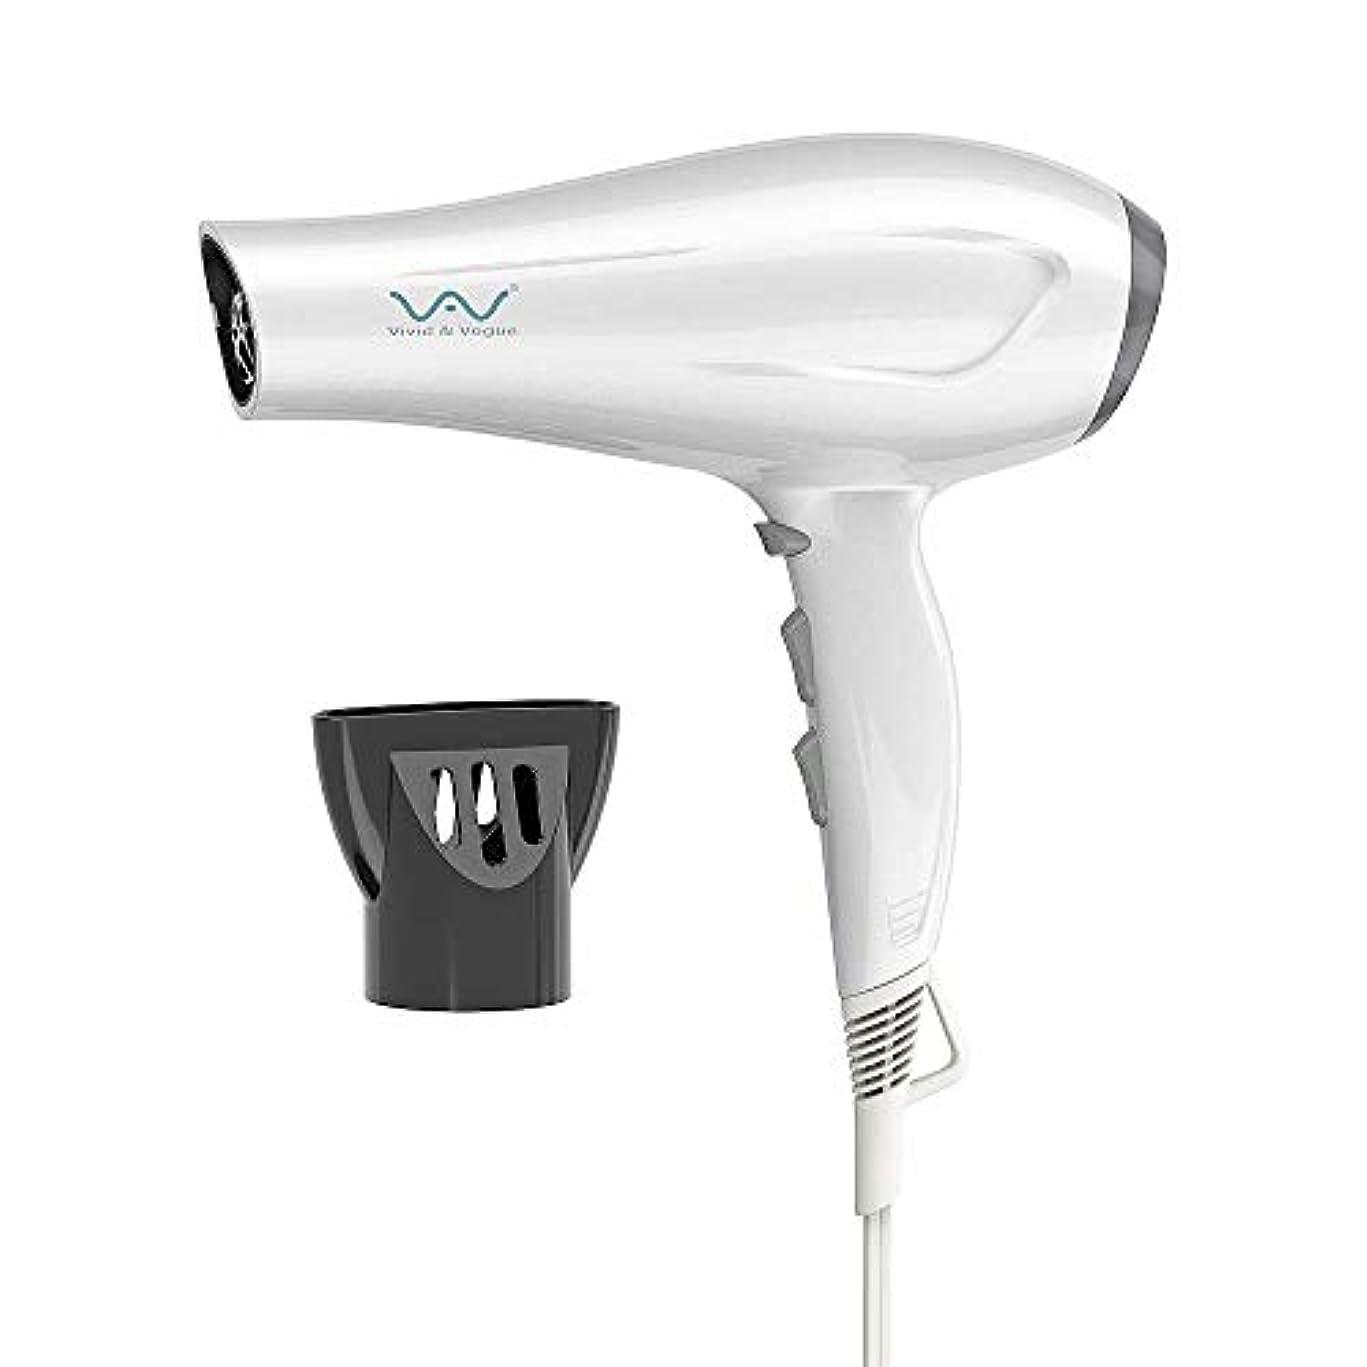 シート指標接辞VAV マイナスイオン ドライヤー 風温&風量調節可 1200W 大風量 家用 サロン用 ヘアドライヤー ヘアケア メンズ